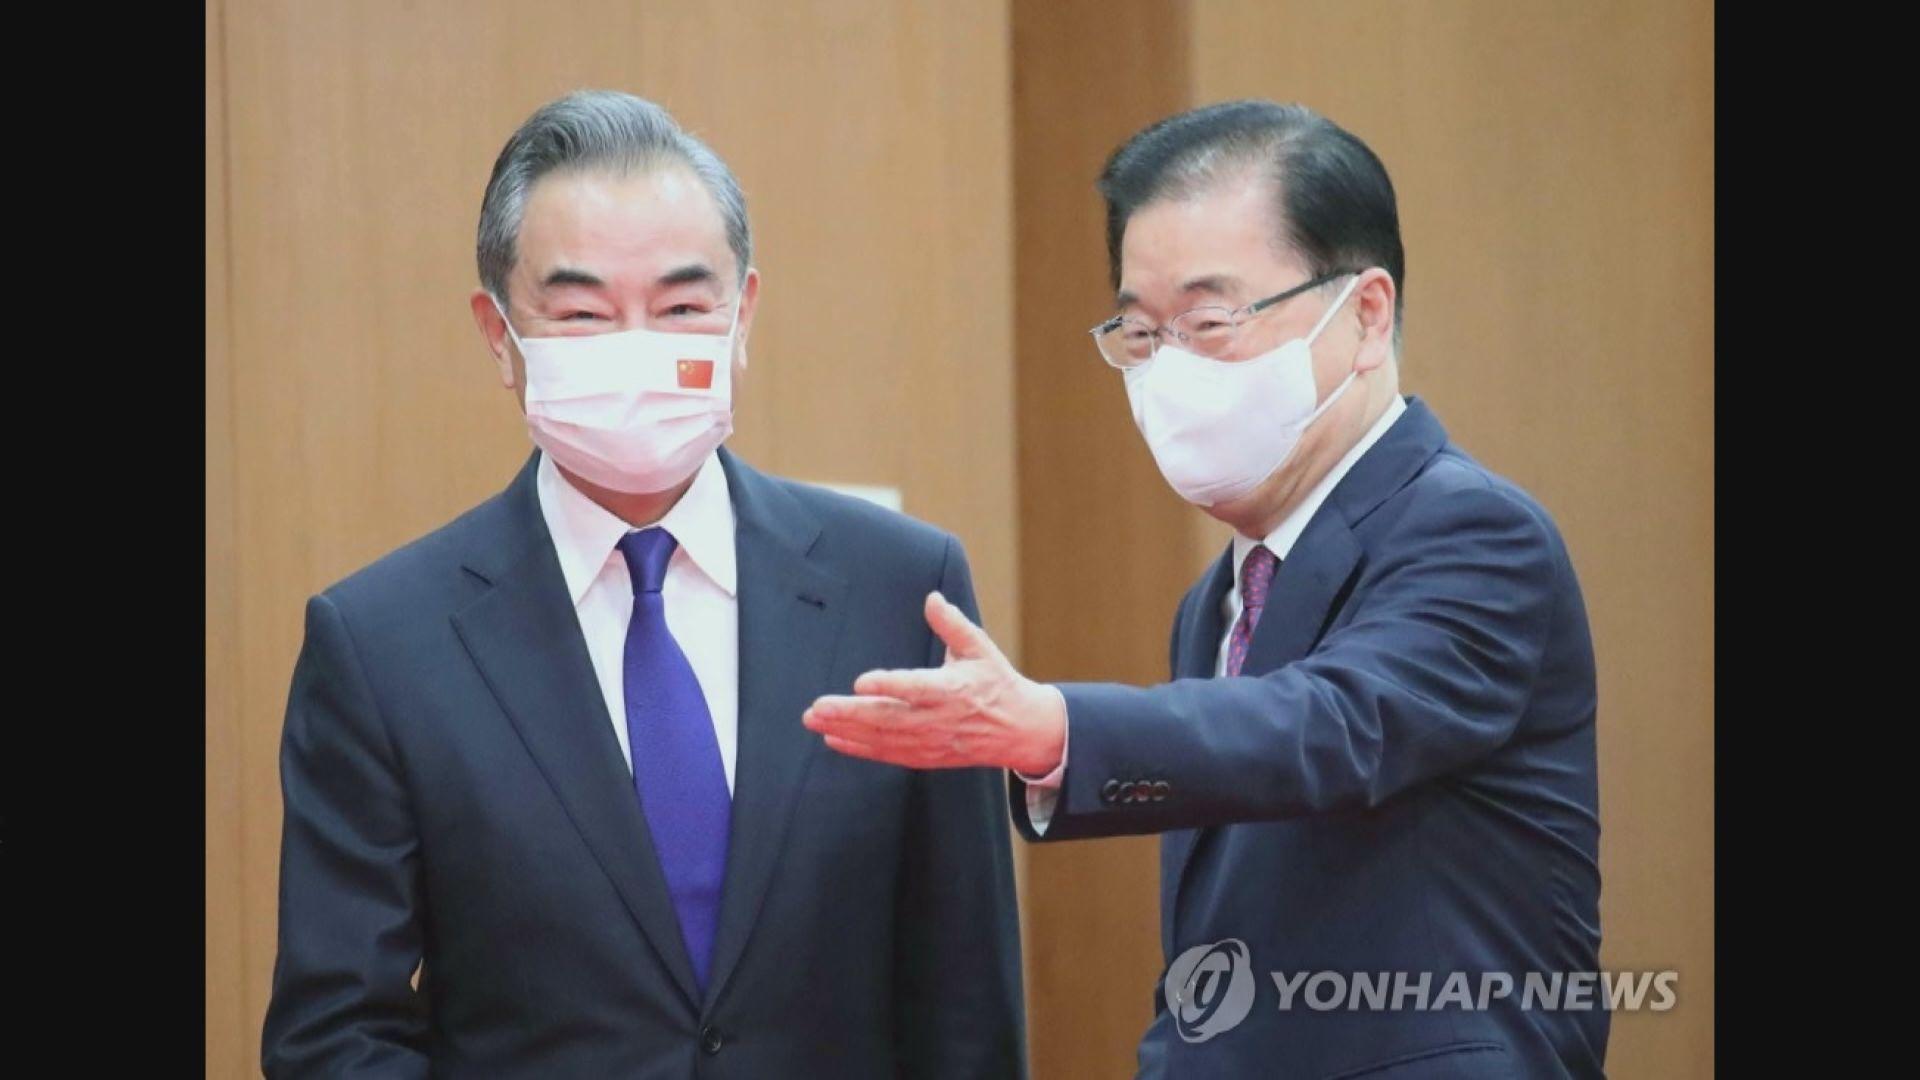 王毅晤鄭義溶 強調發展中韓關係的重要性